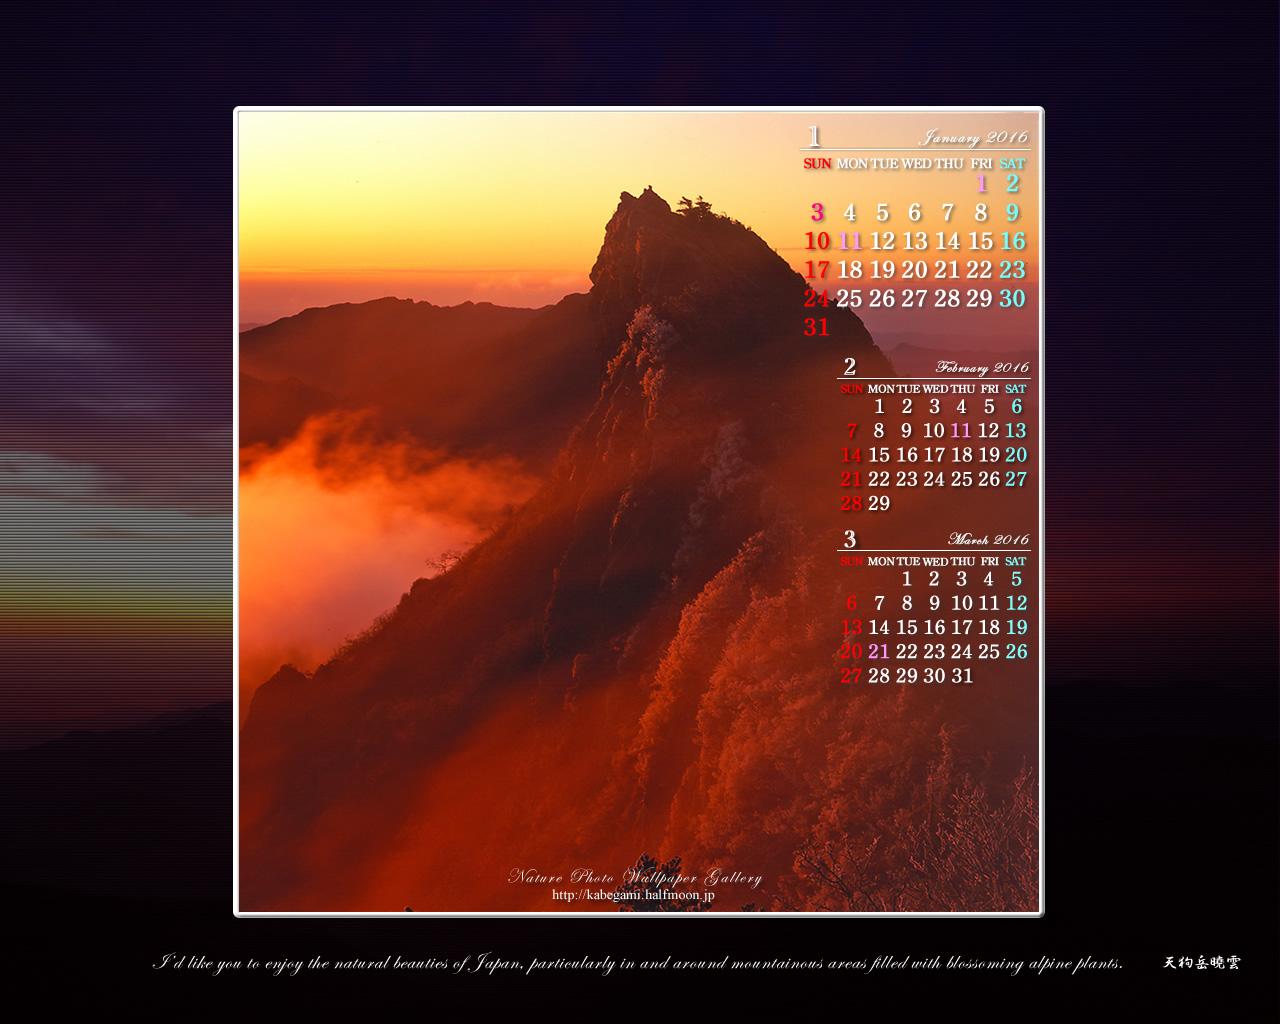 今月の壁紙カレンダー「天狗岳 ... : カレンダー2014 12ヶ月 : カレンダー